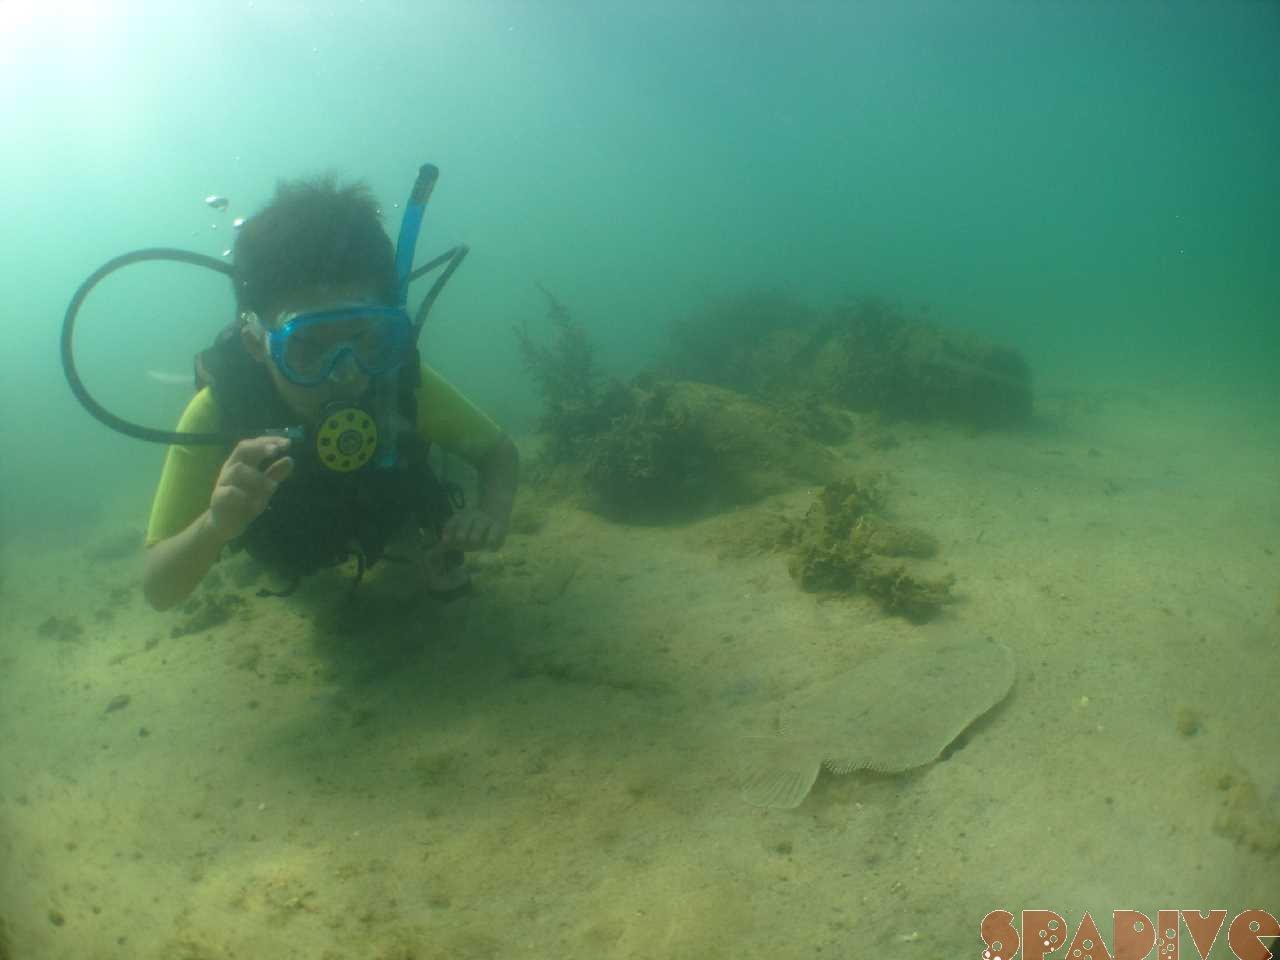 白浜権現崎8月の水中画 像7